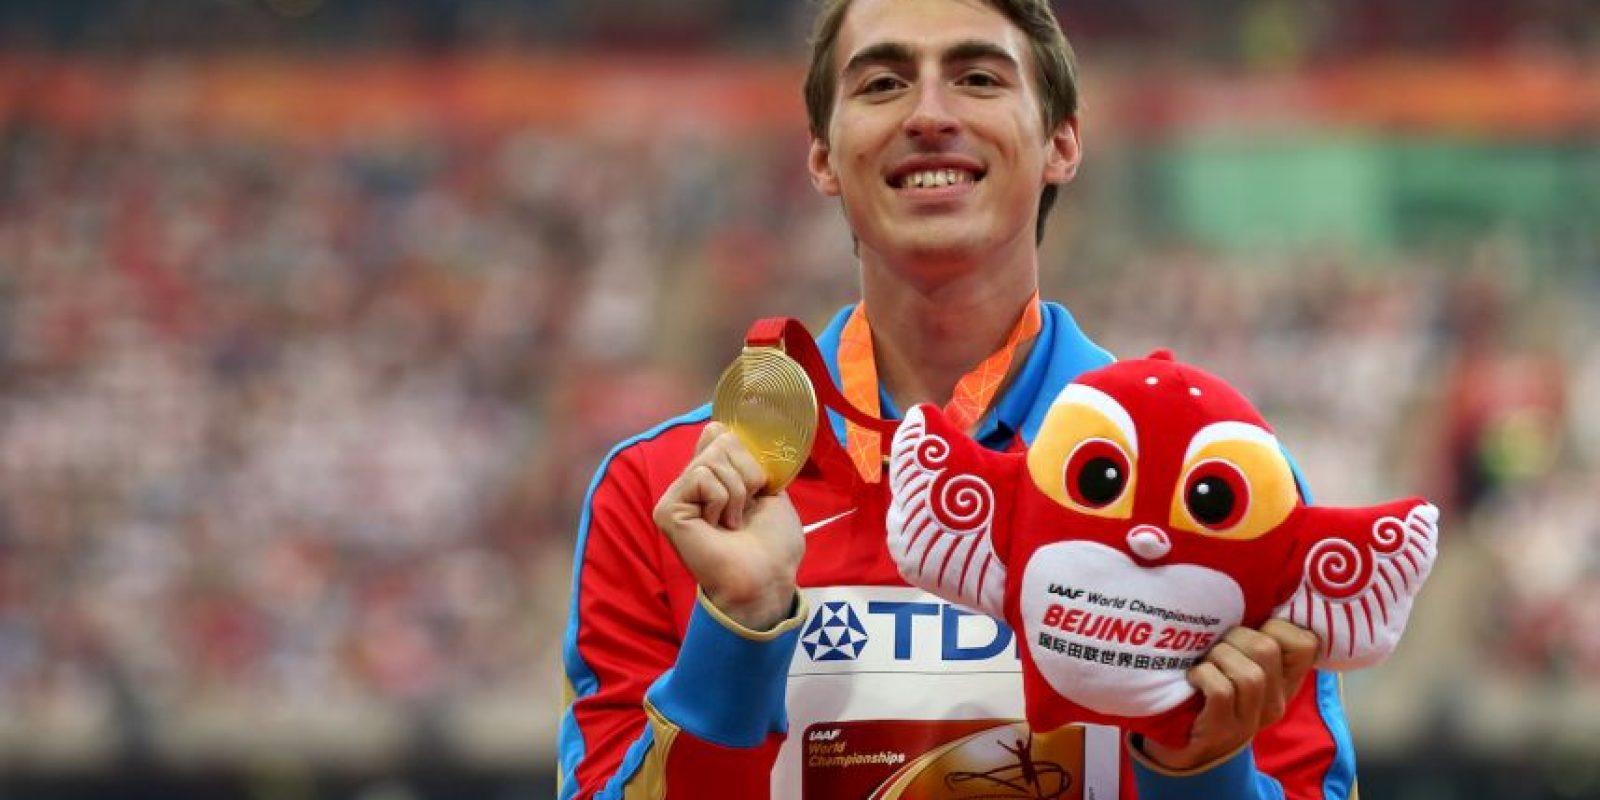 El atleta ruso fue el mejor de los 110 metros con vallas con un tiempo de 12 segundos y 98 centésimas de segundo Foto:Getty Images